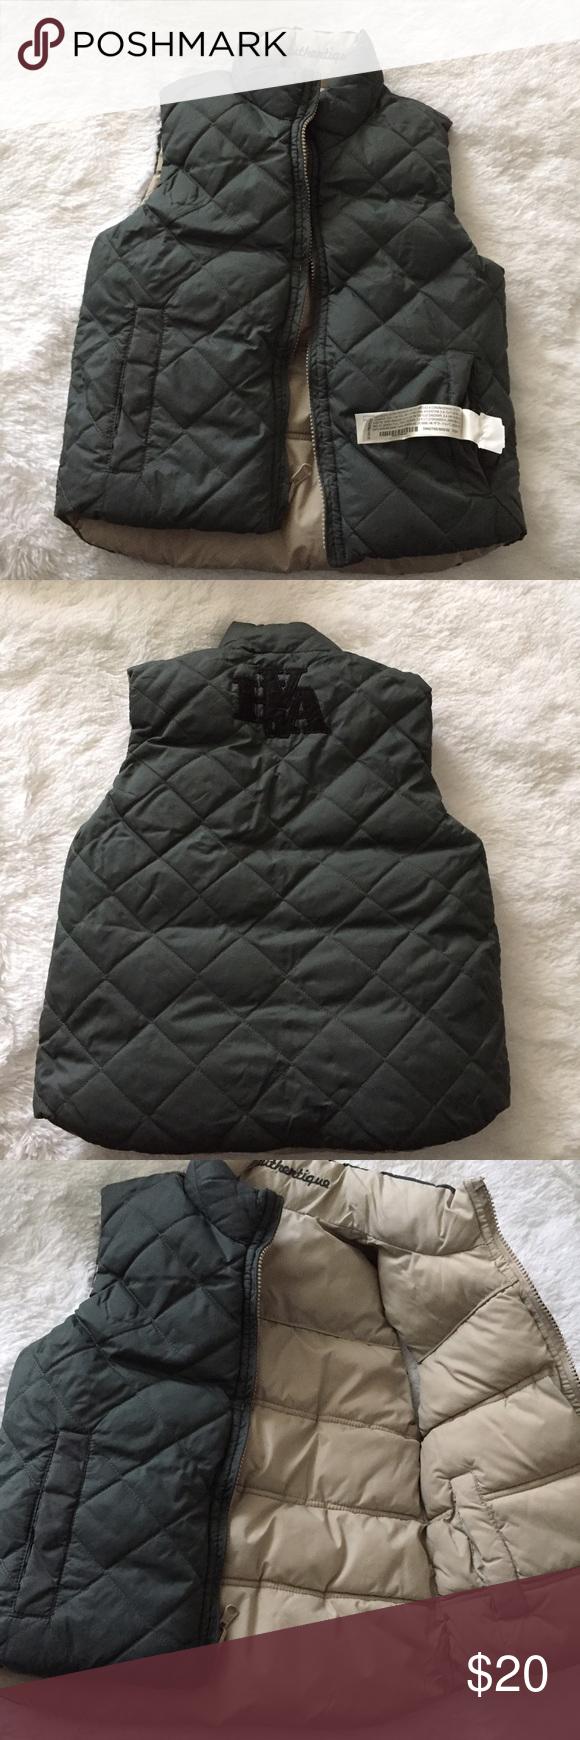 d471d86a5 ZARA kids vest XS (4-5) Reversible vest, never used, no flaws ...